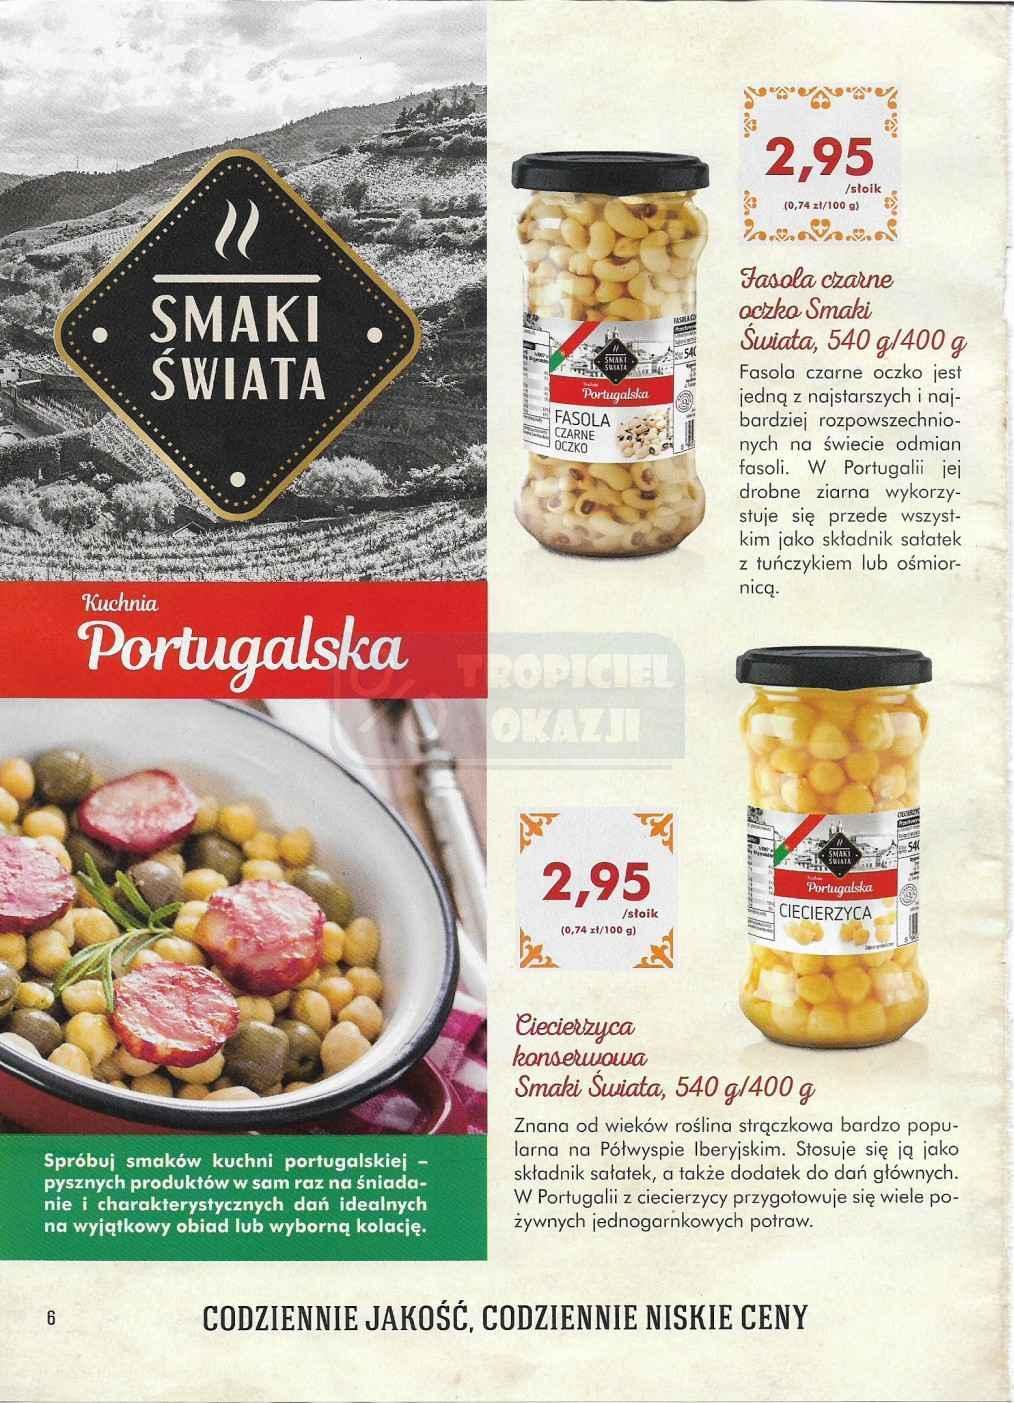 Gazetka Promocyjna I Reklamowa Biedronka Nowe Smaki